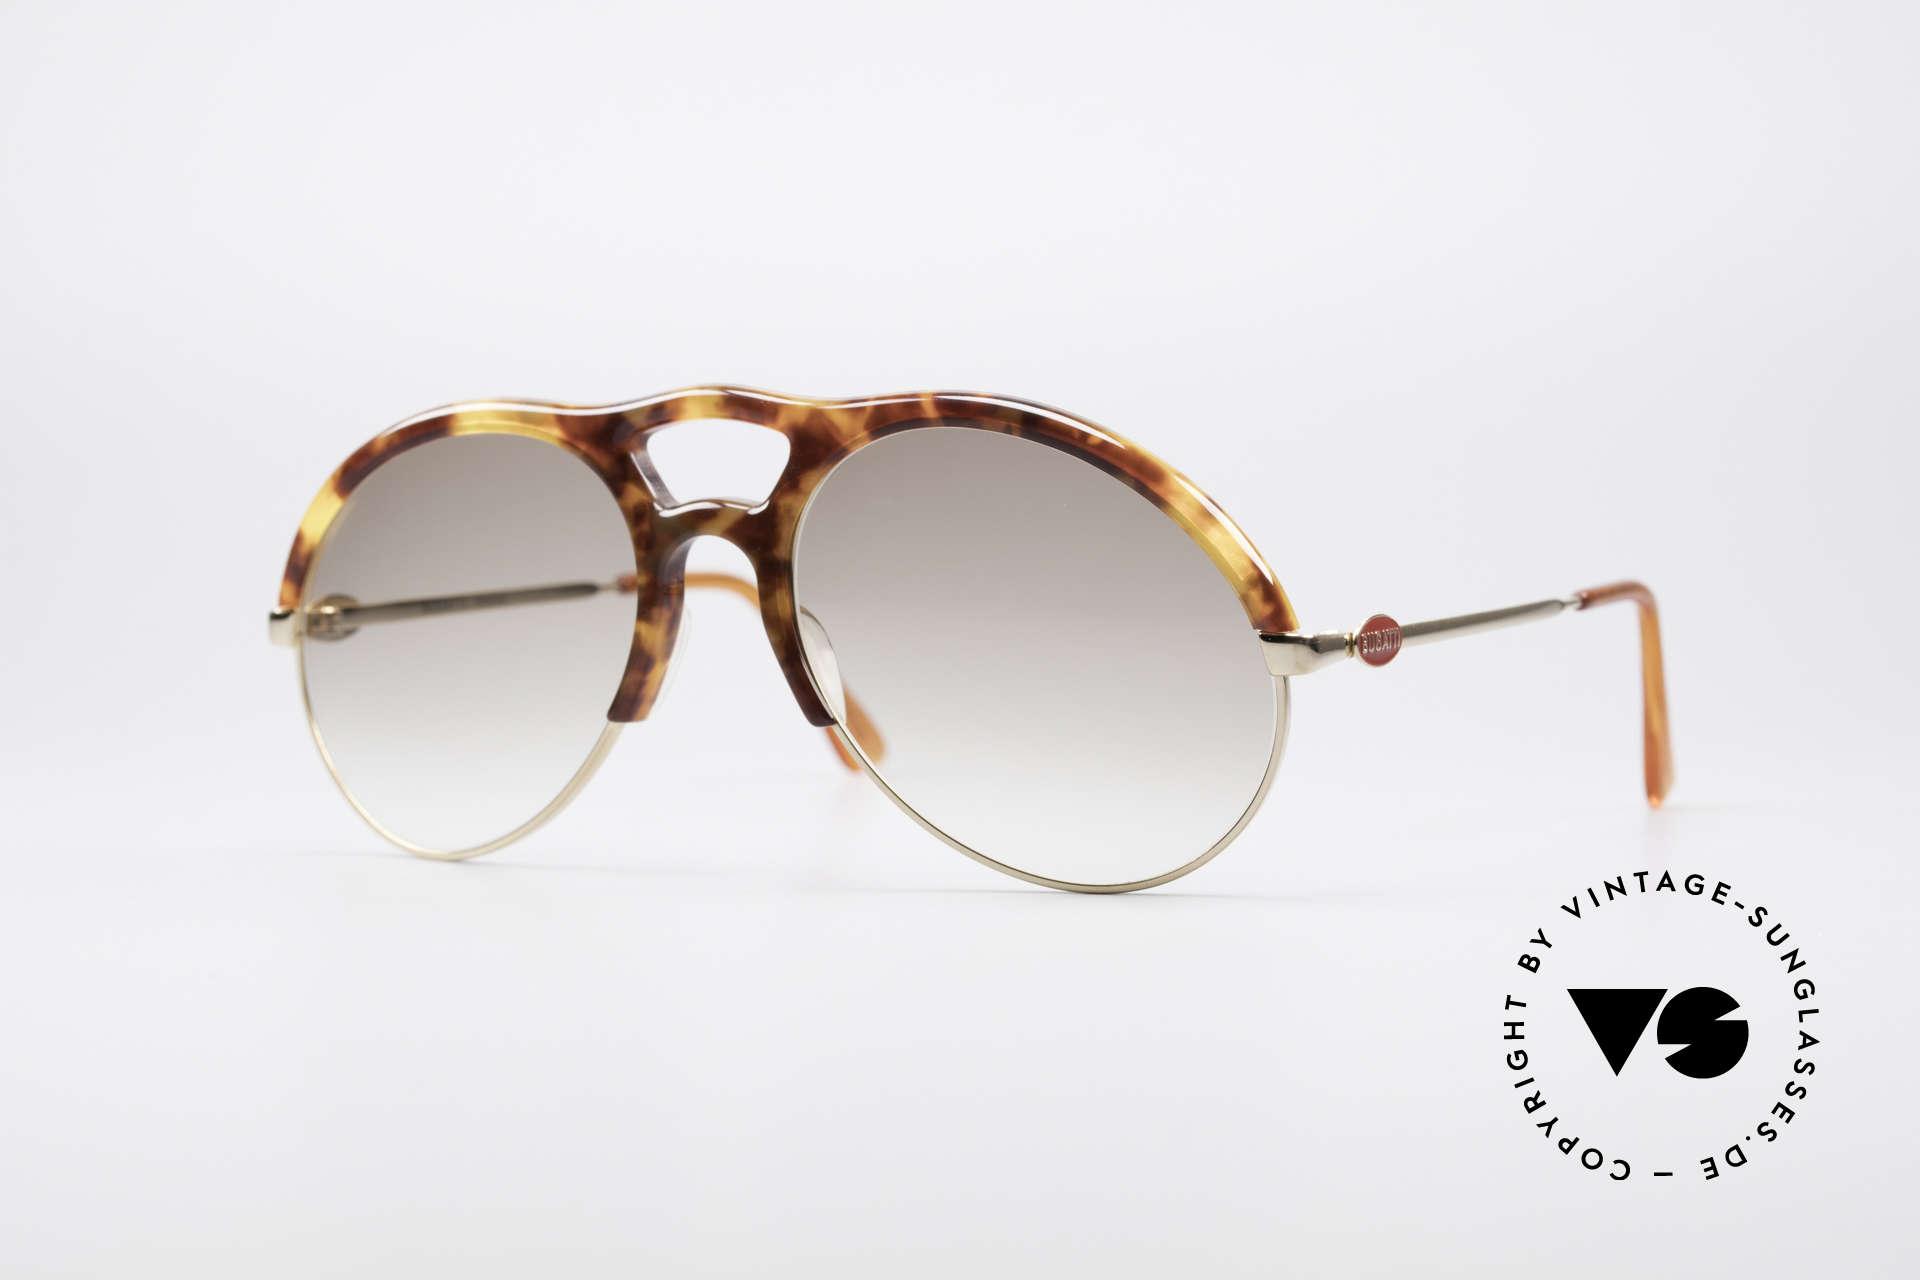 Bugatti 64900 Tortoise Optic 80's Glasses, precious BUGATTI vintage luxury sunglasses for men, Made for Men